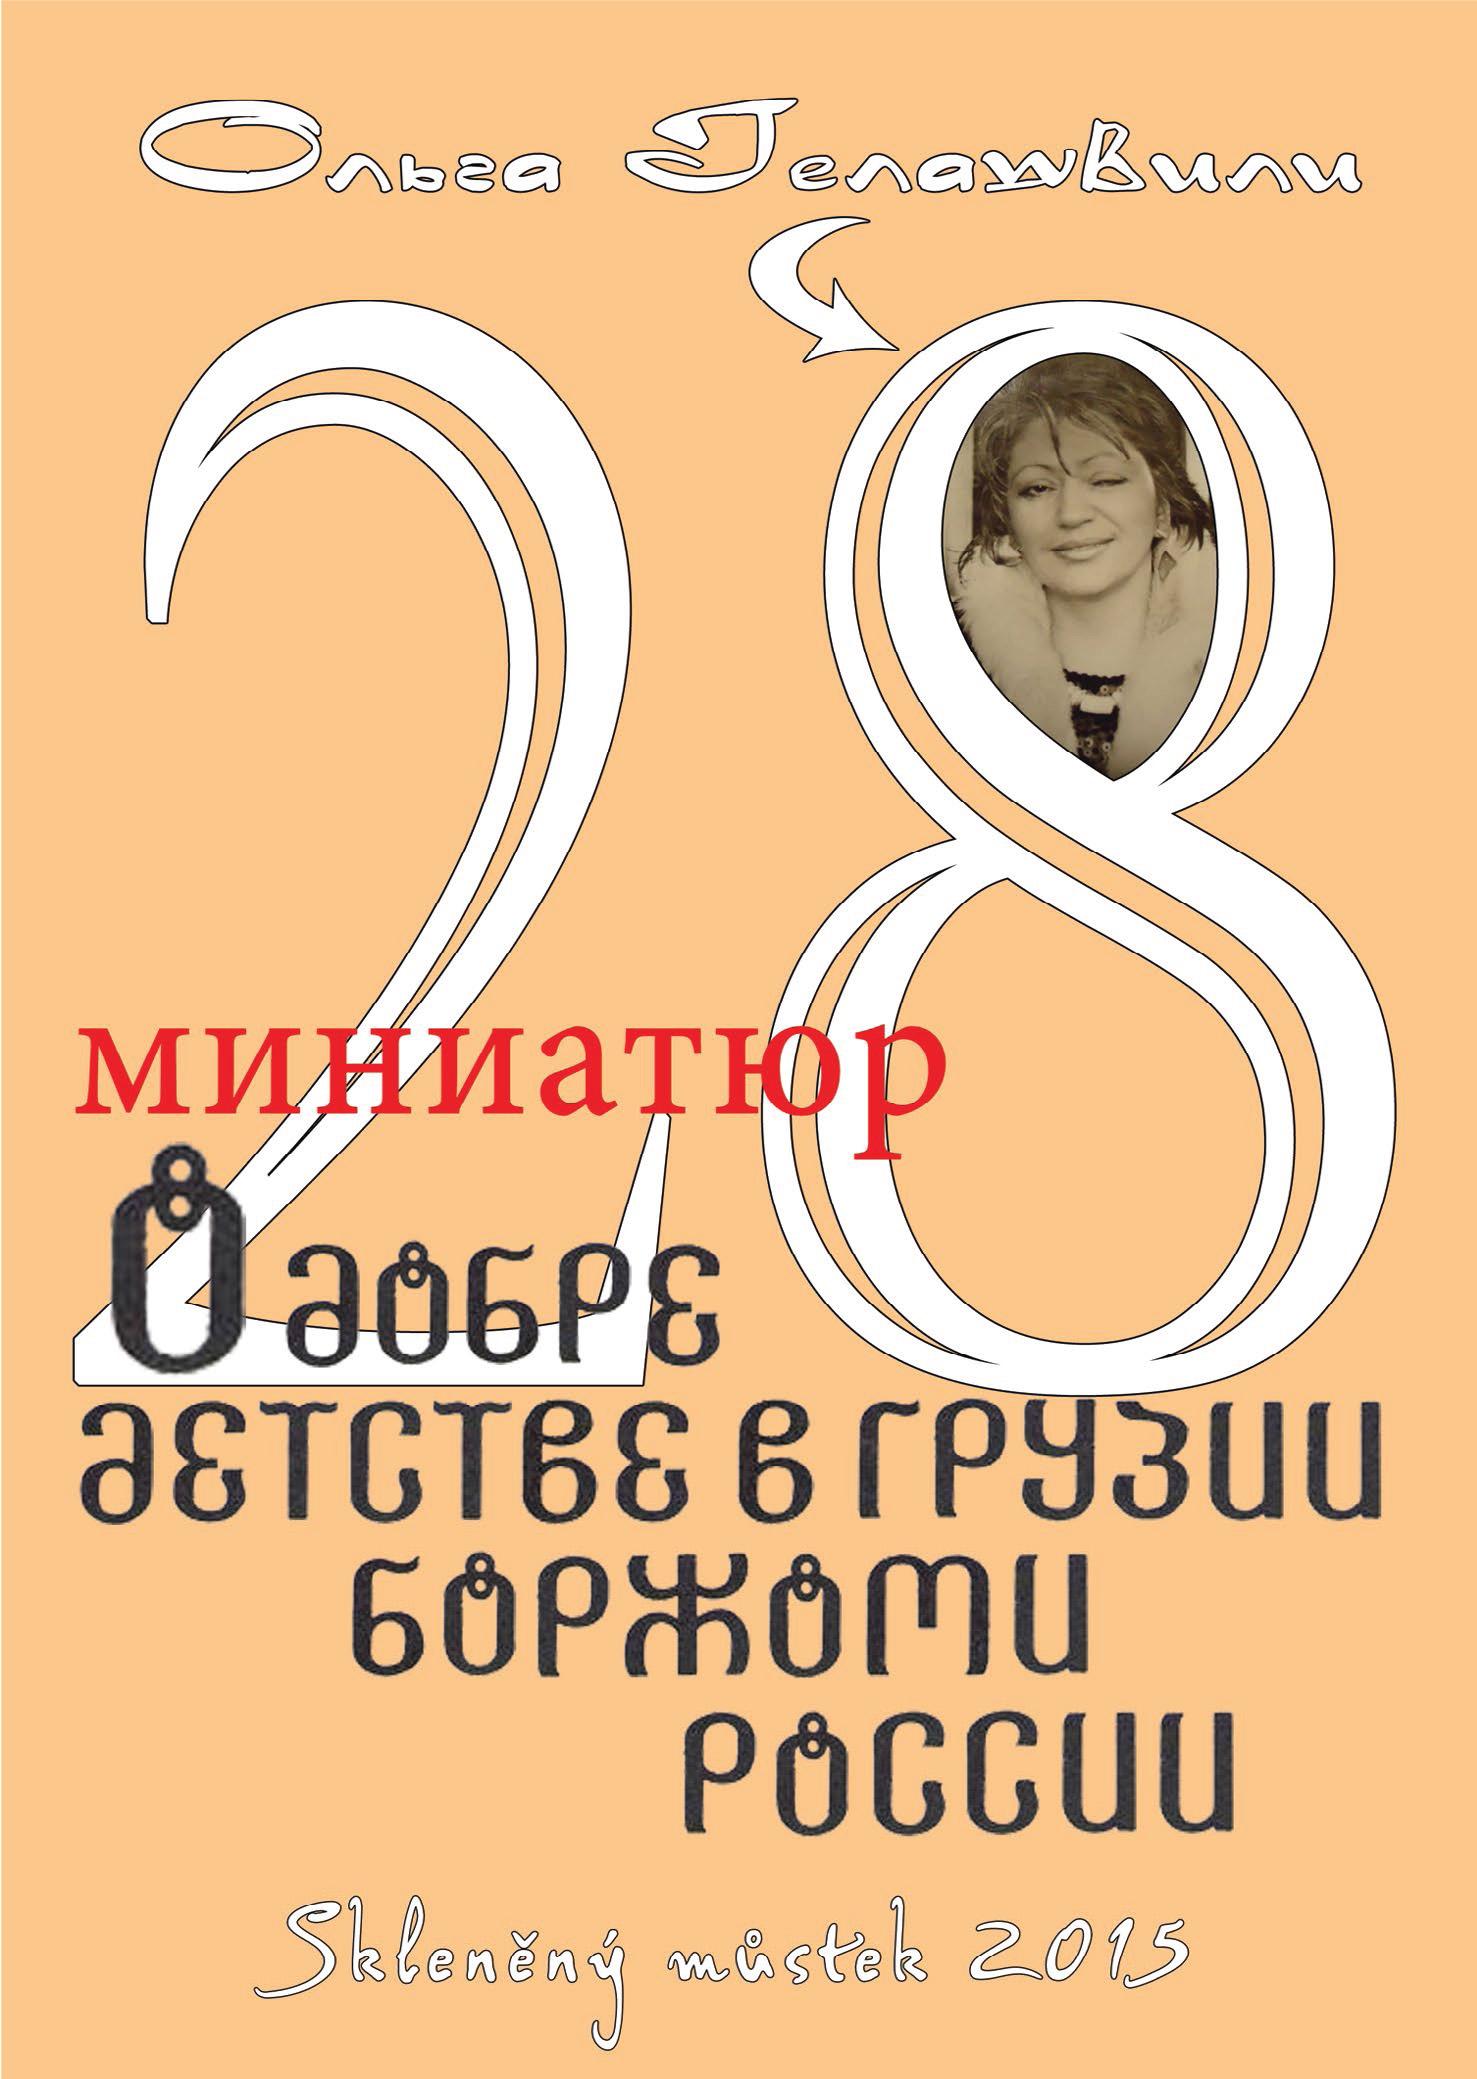 Ольга Гелашвили 28 миниатюр о добре, детстве в Грузии, Боржоми, России